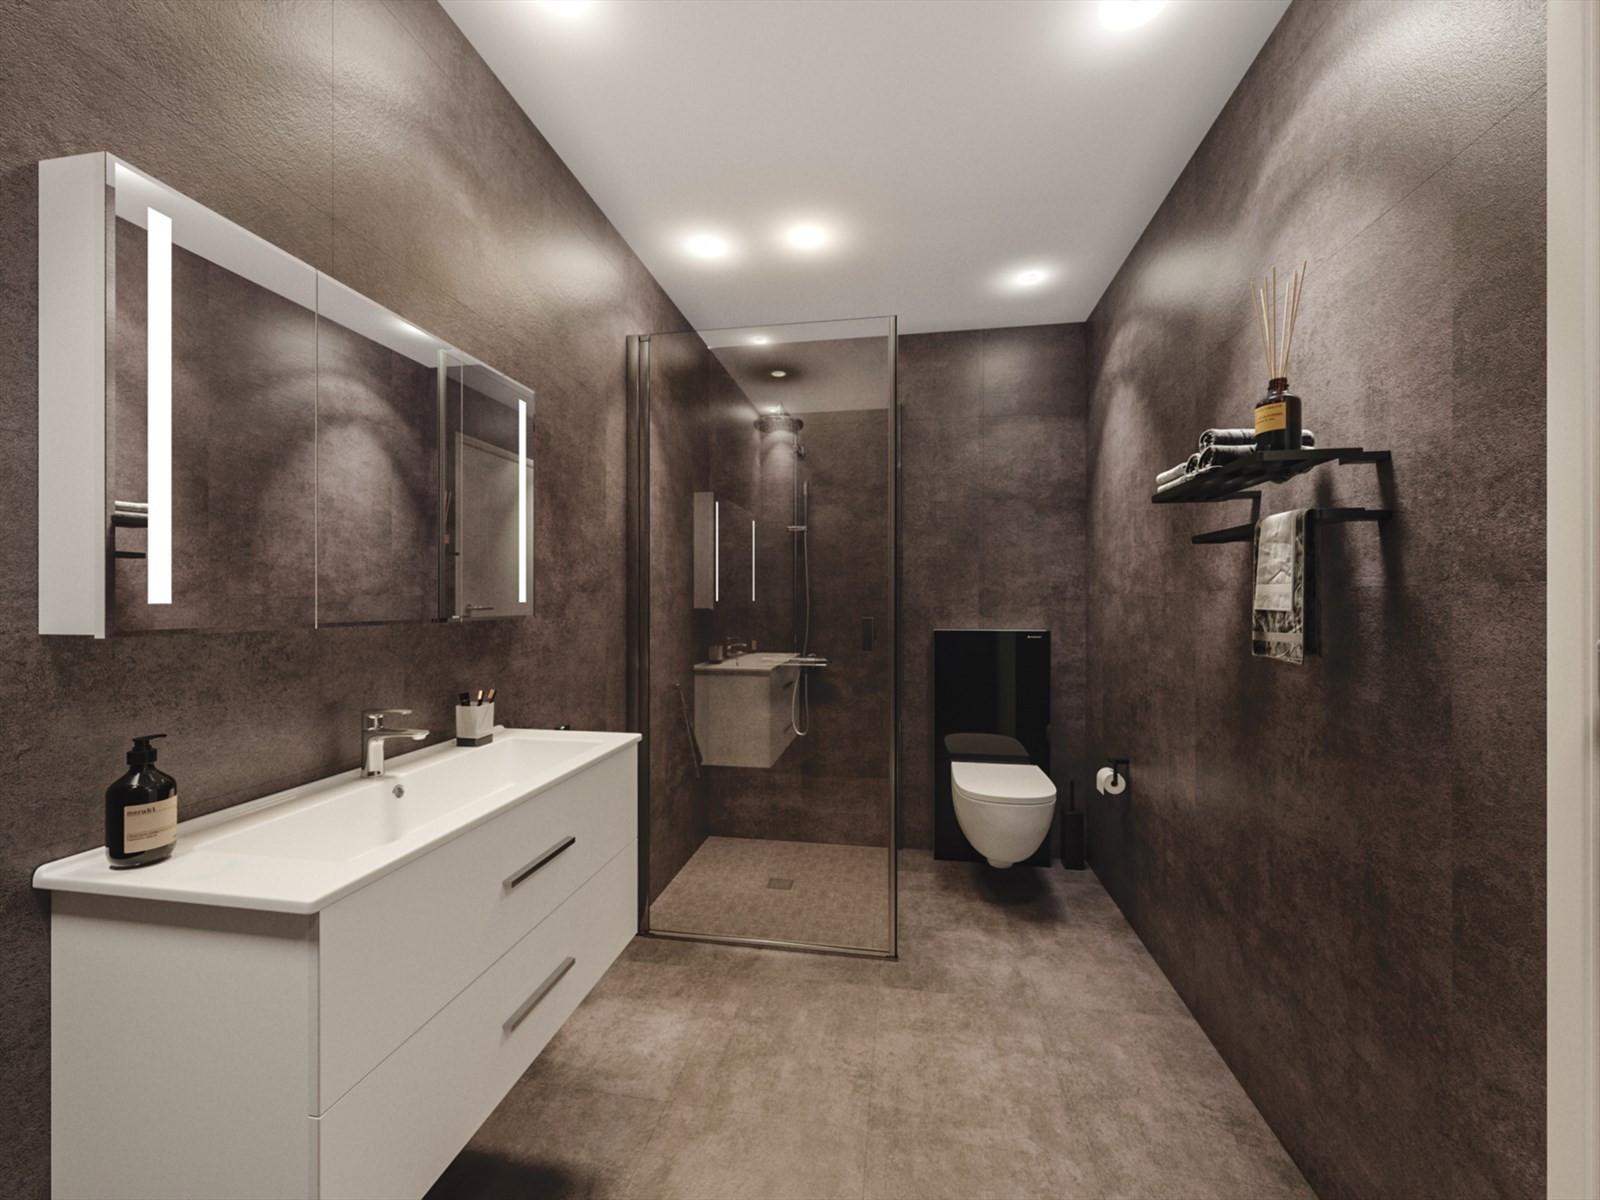 Badene får moderne og pent uttrykk med storformatfliser i 60x60 cm og ellers flott sanitærutstyr